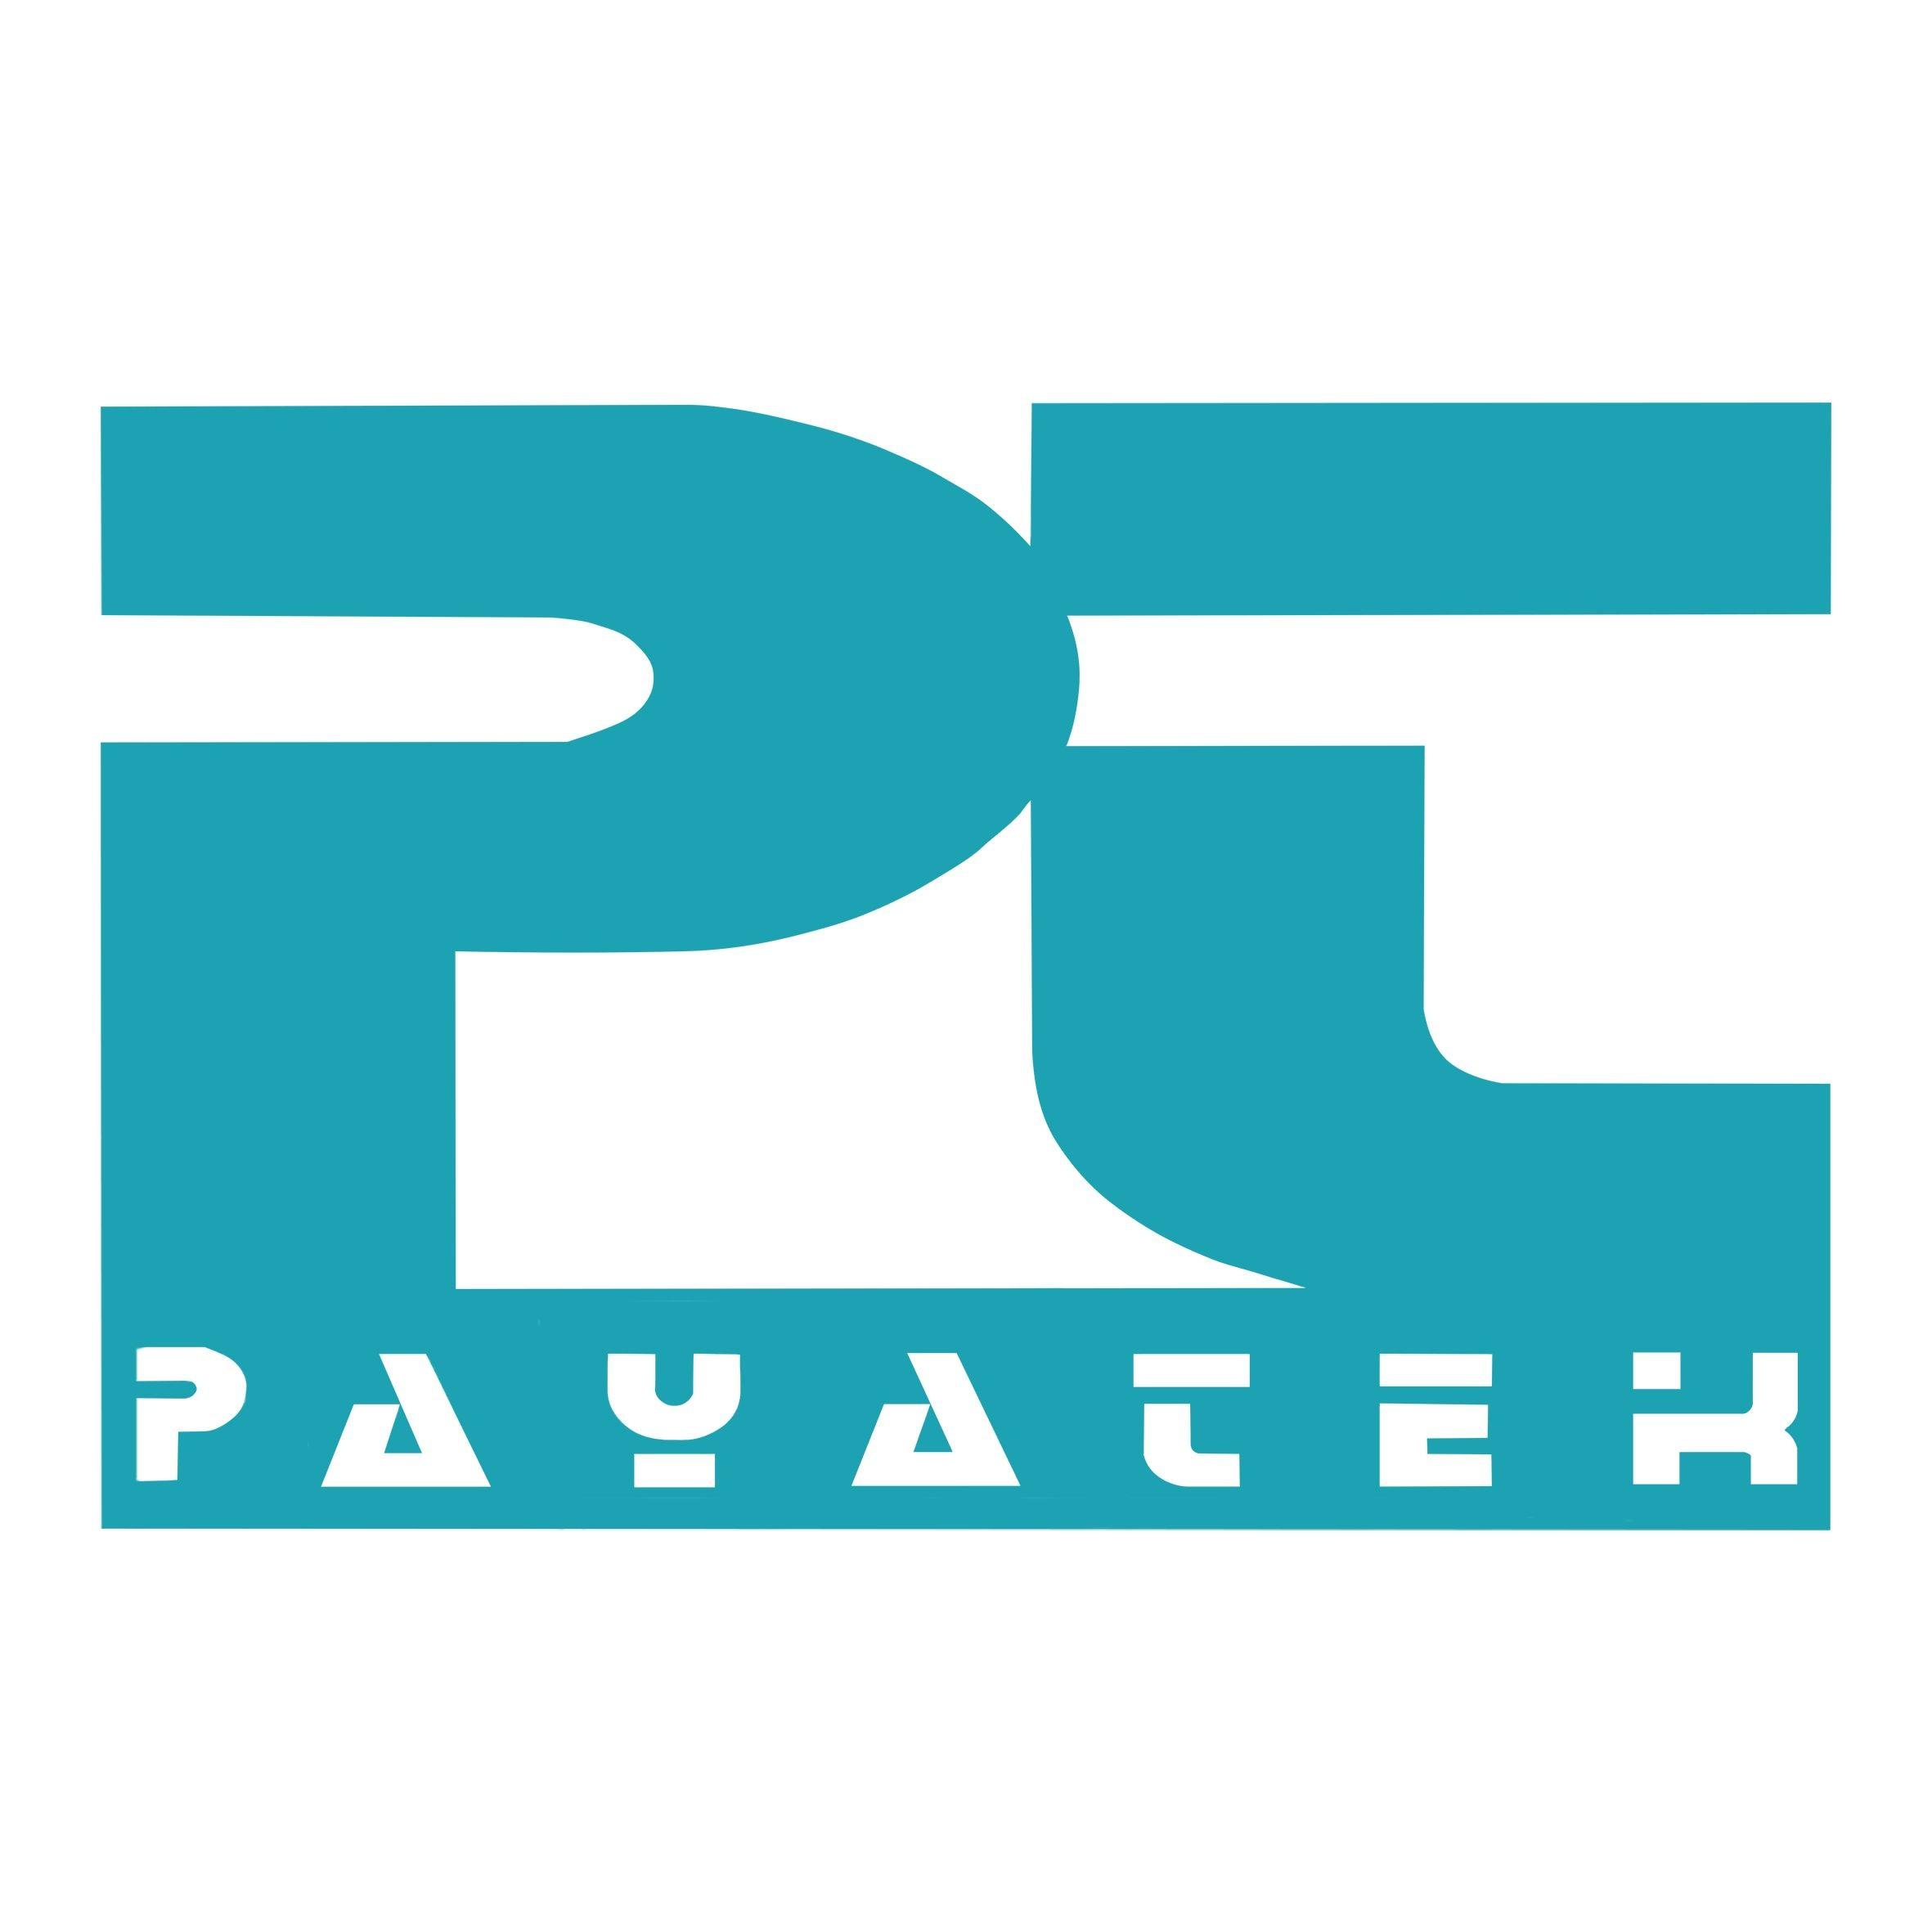 Payatek